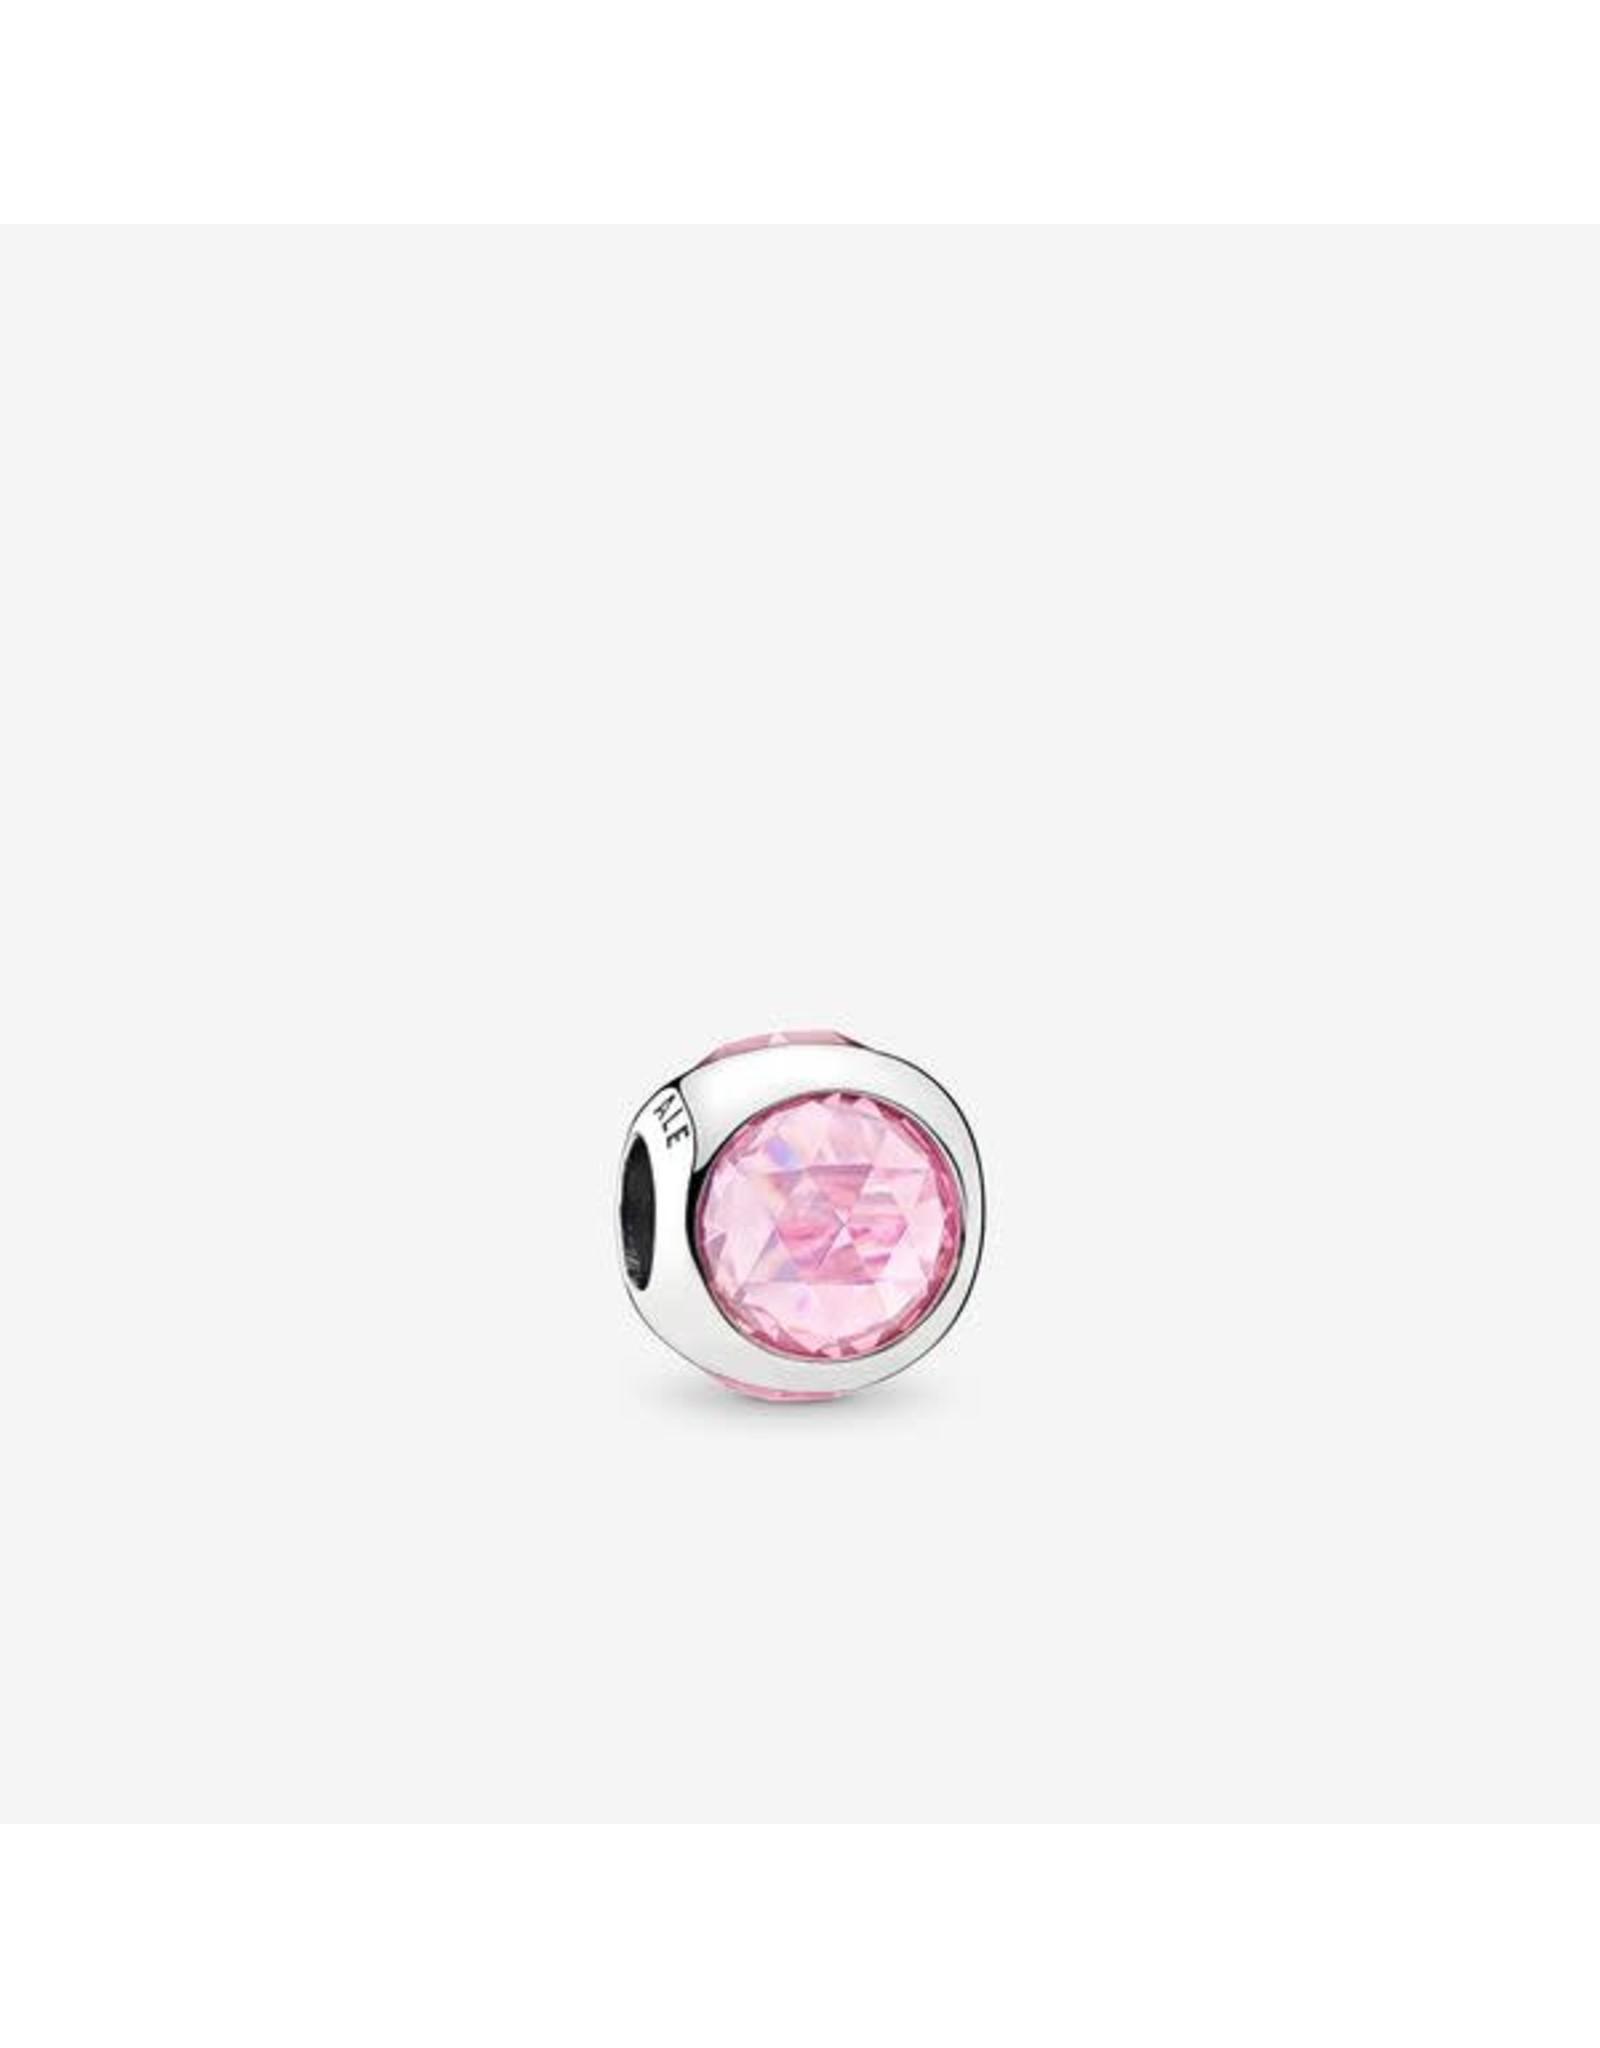 Pandora Pandora Charm,Radiant Droplet, Pink CZ